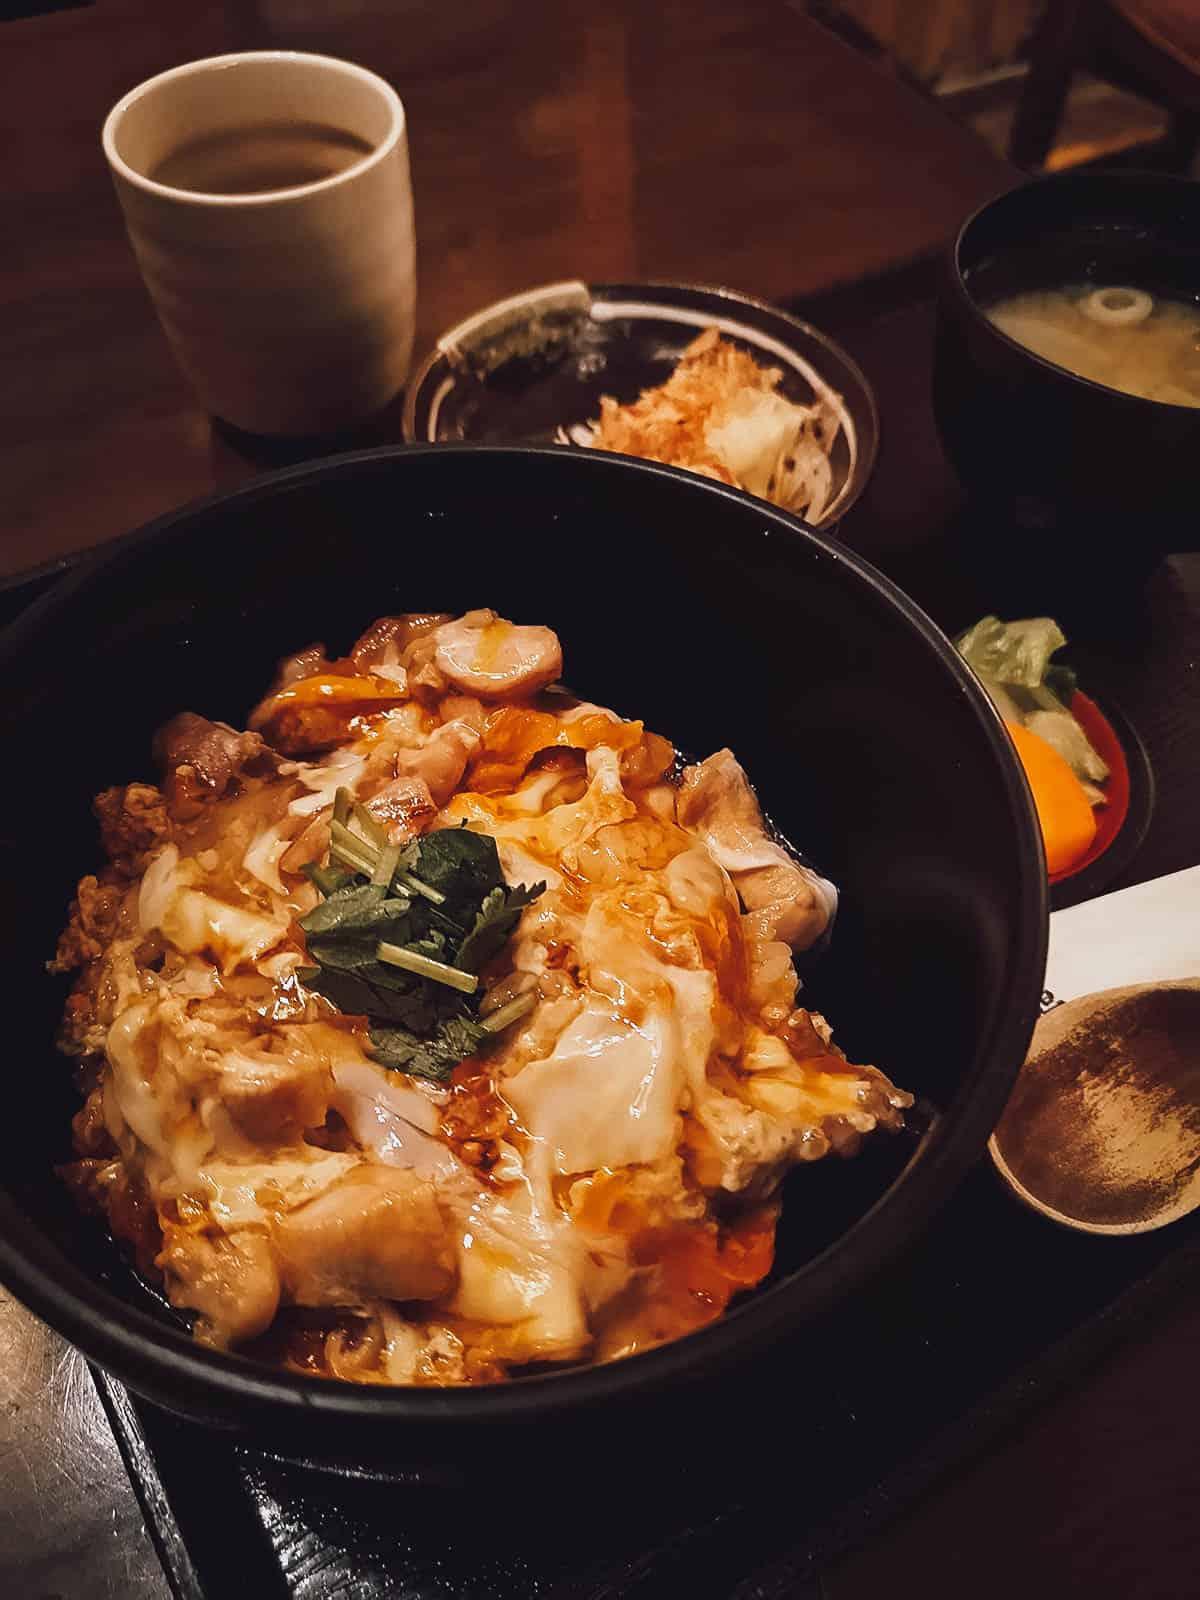 Tamago kake gohan with chicken at Kisaburo Nojo in Tokyo, Japan